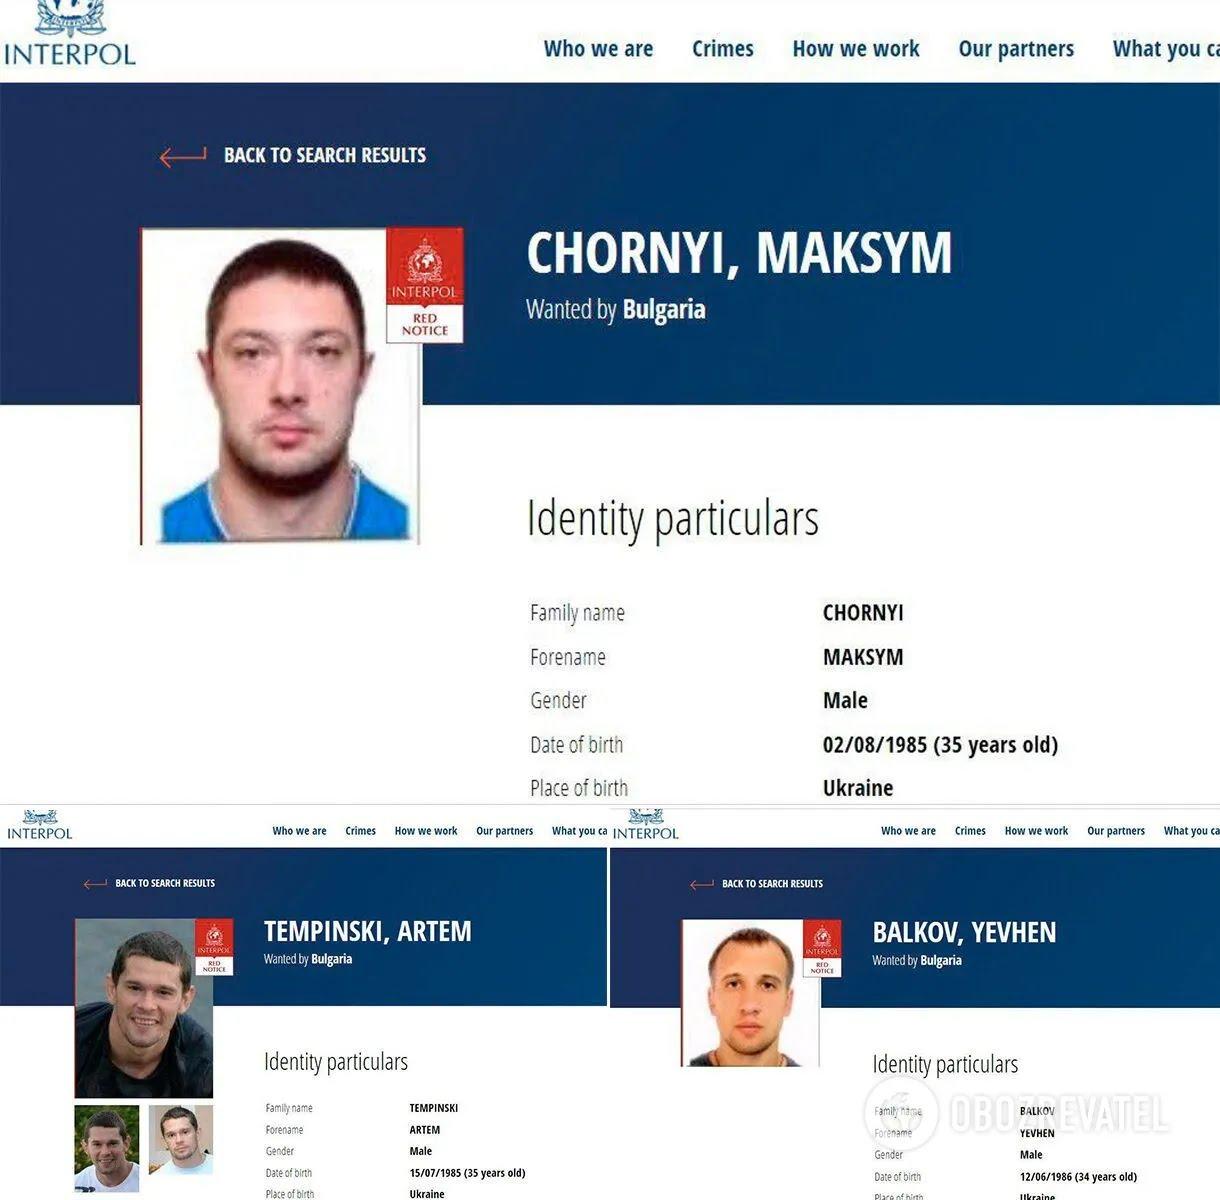 Троих украинцев Болгария в 2016 г. объявила в международный розыск